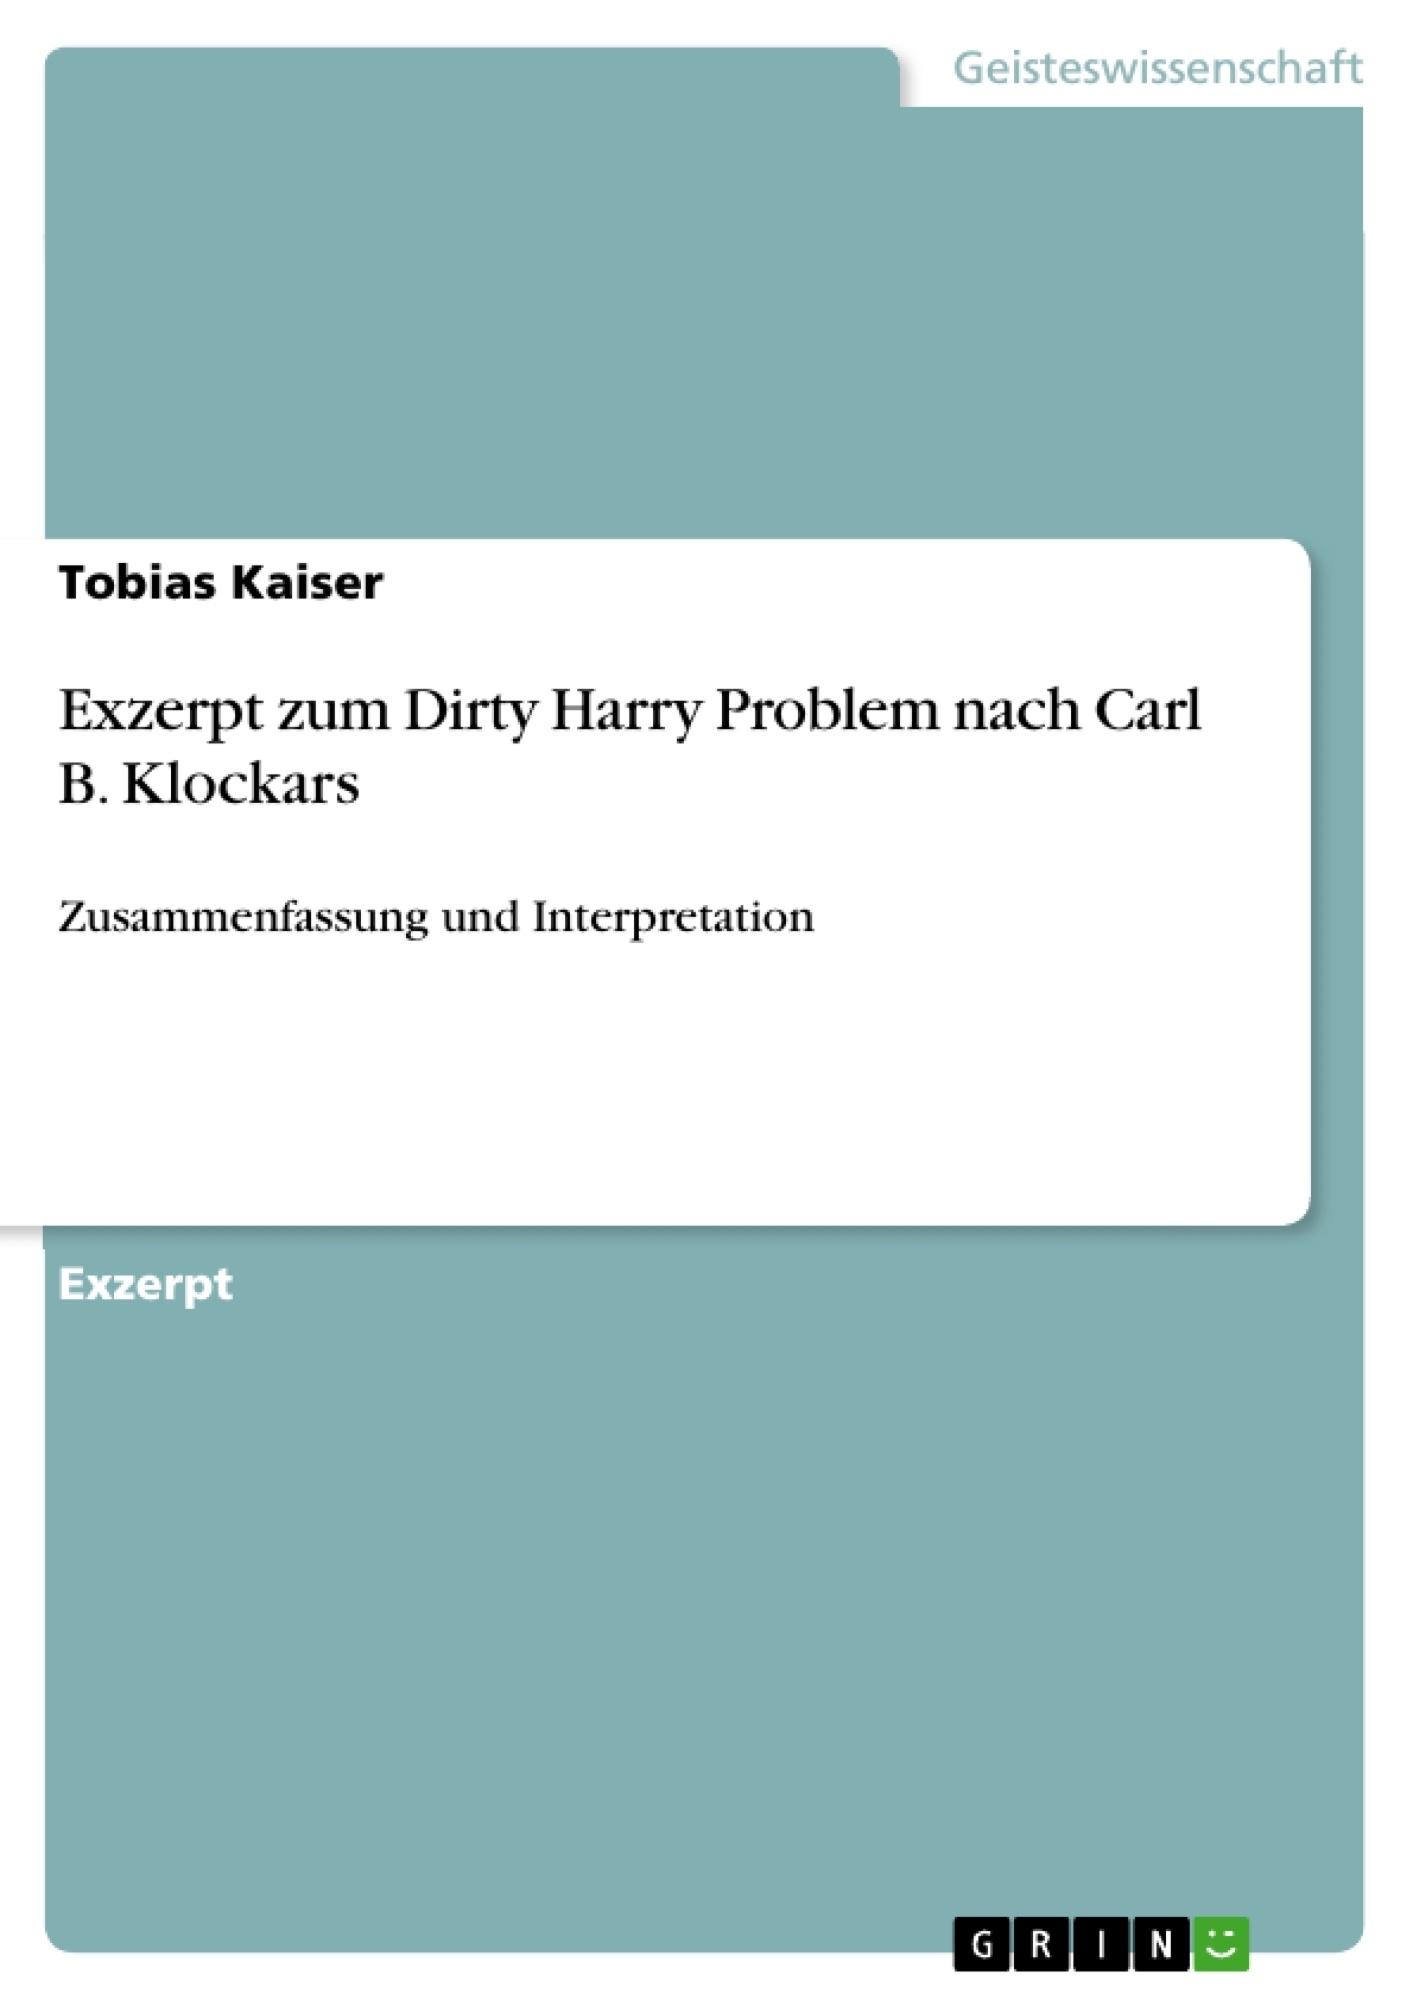 Titel: Exzerpt zum Dirty Harry Problem nach Carl B. Klockars